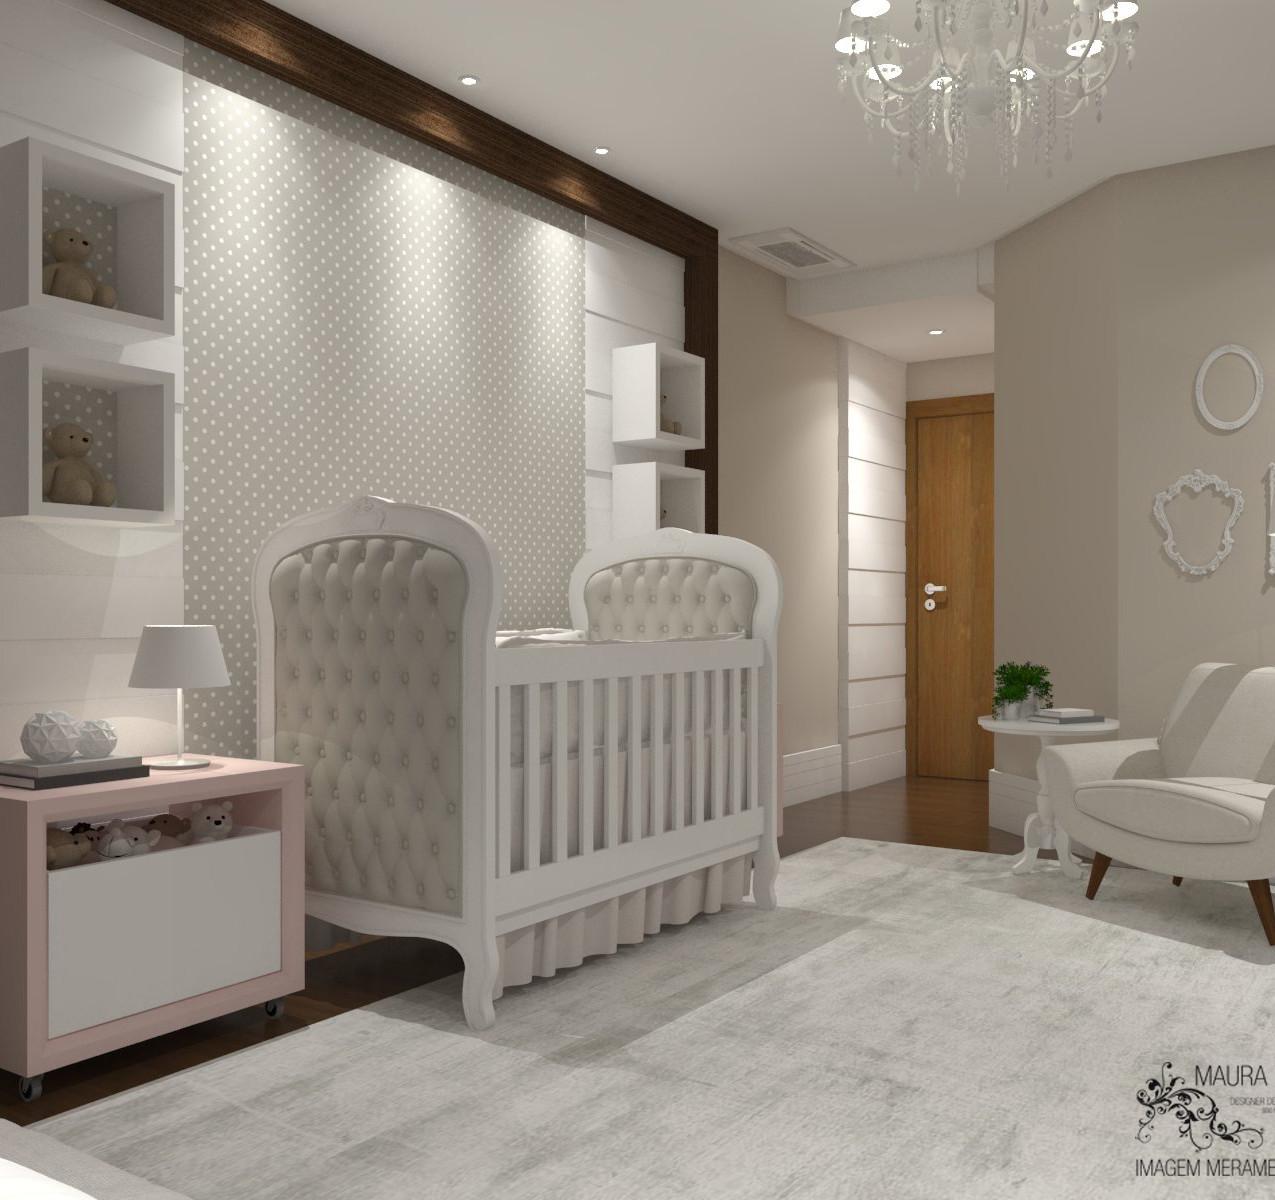 dormitorio bebe_01